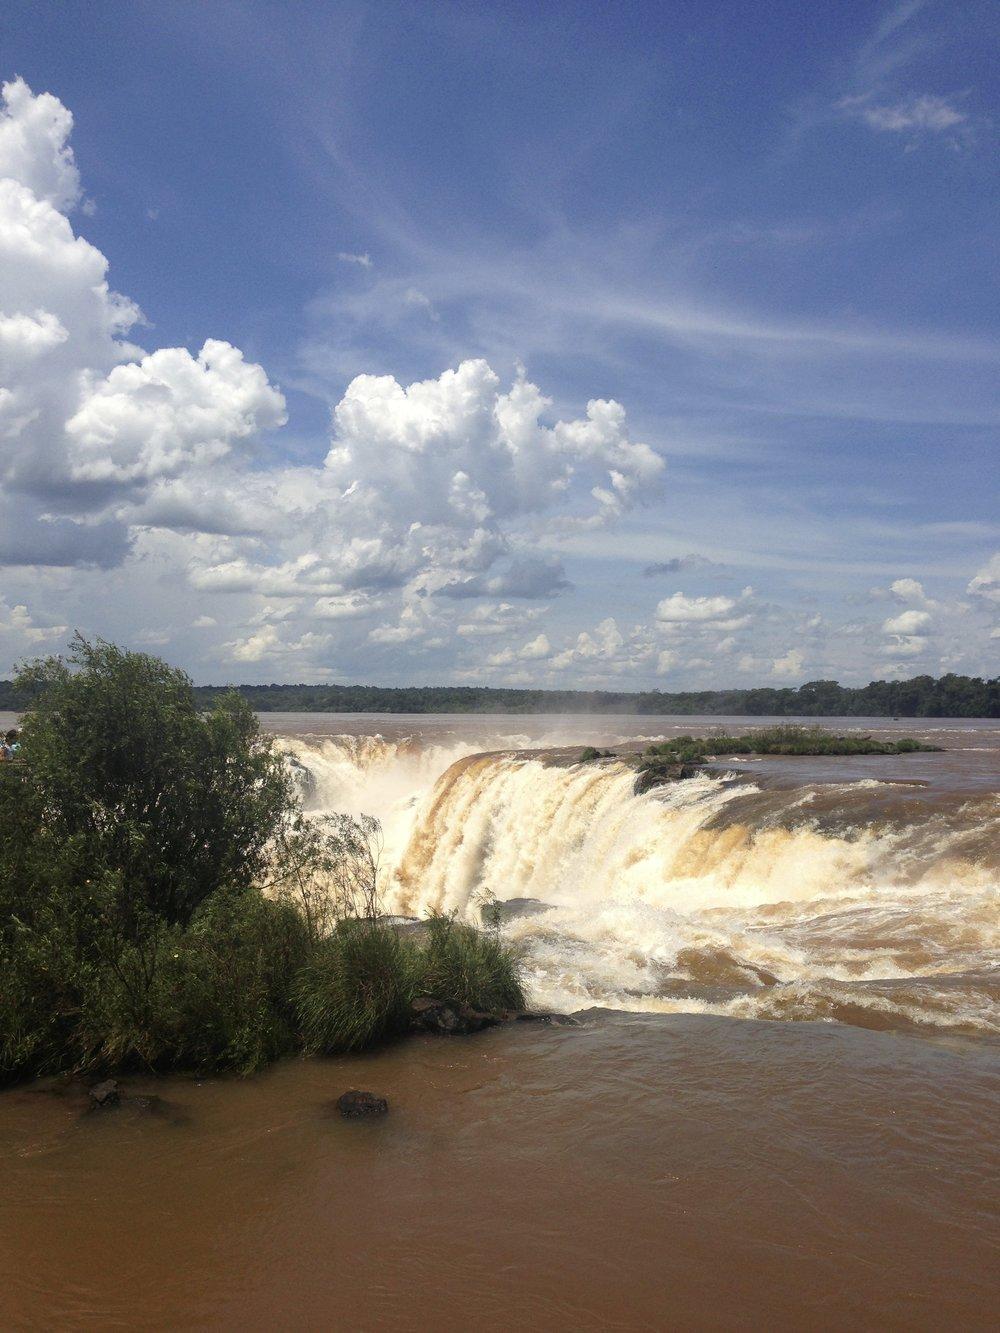 Garganta del Diablo, Iguazú Falls, Argentina/Brazil border